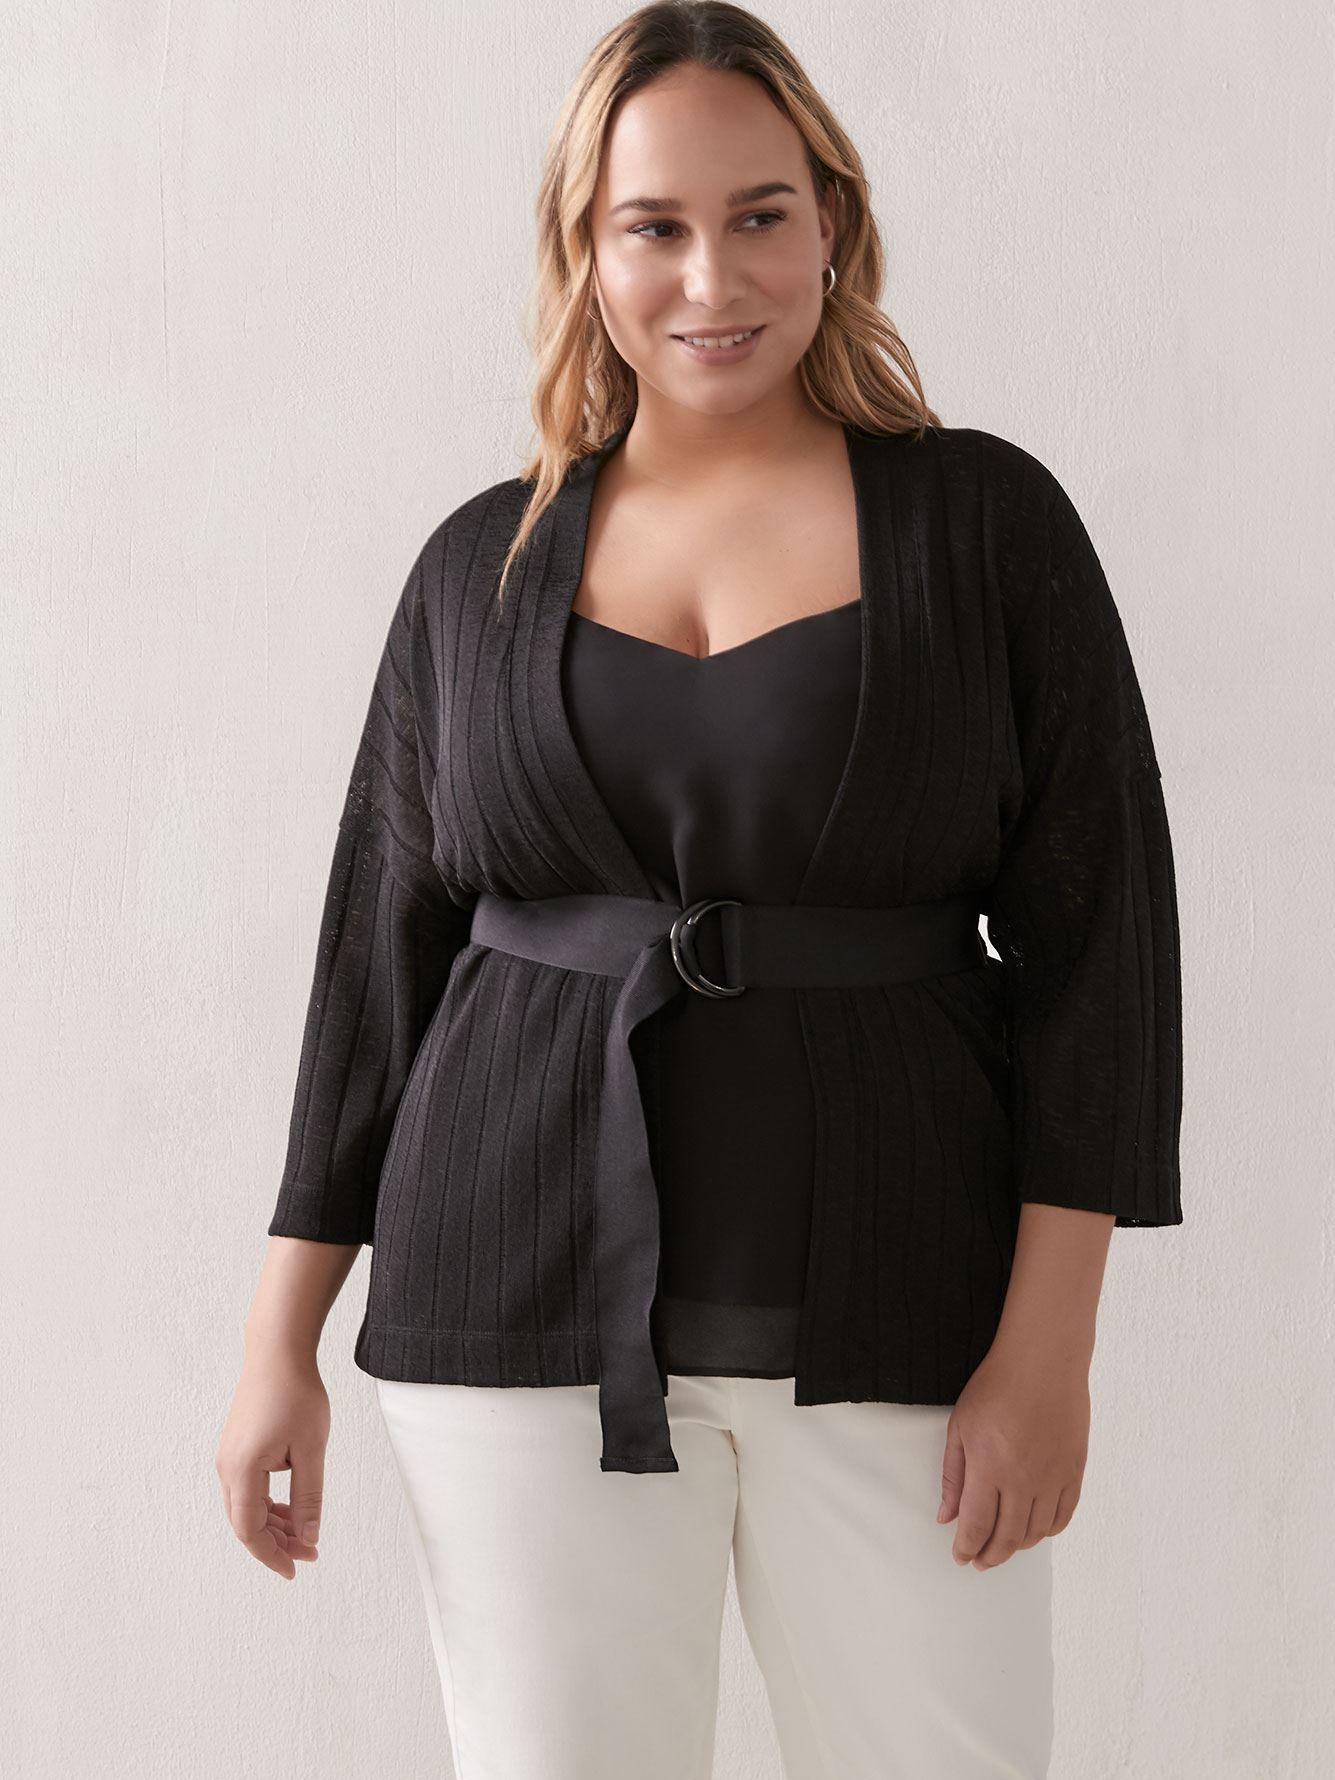 Wide-Sleeve Belted Cardigan - Addition Elle 2